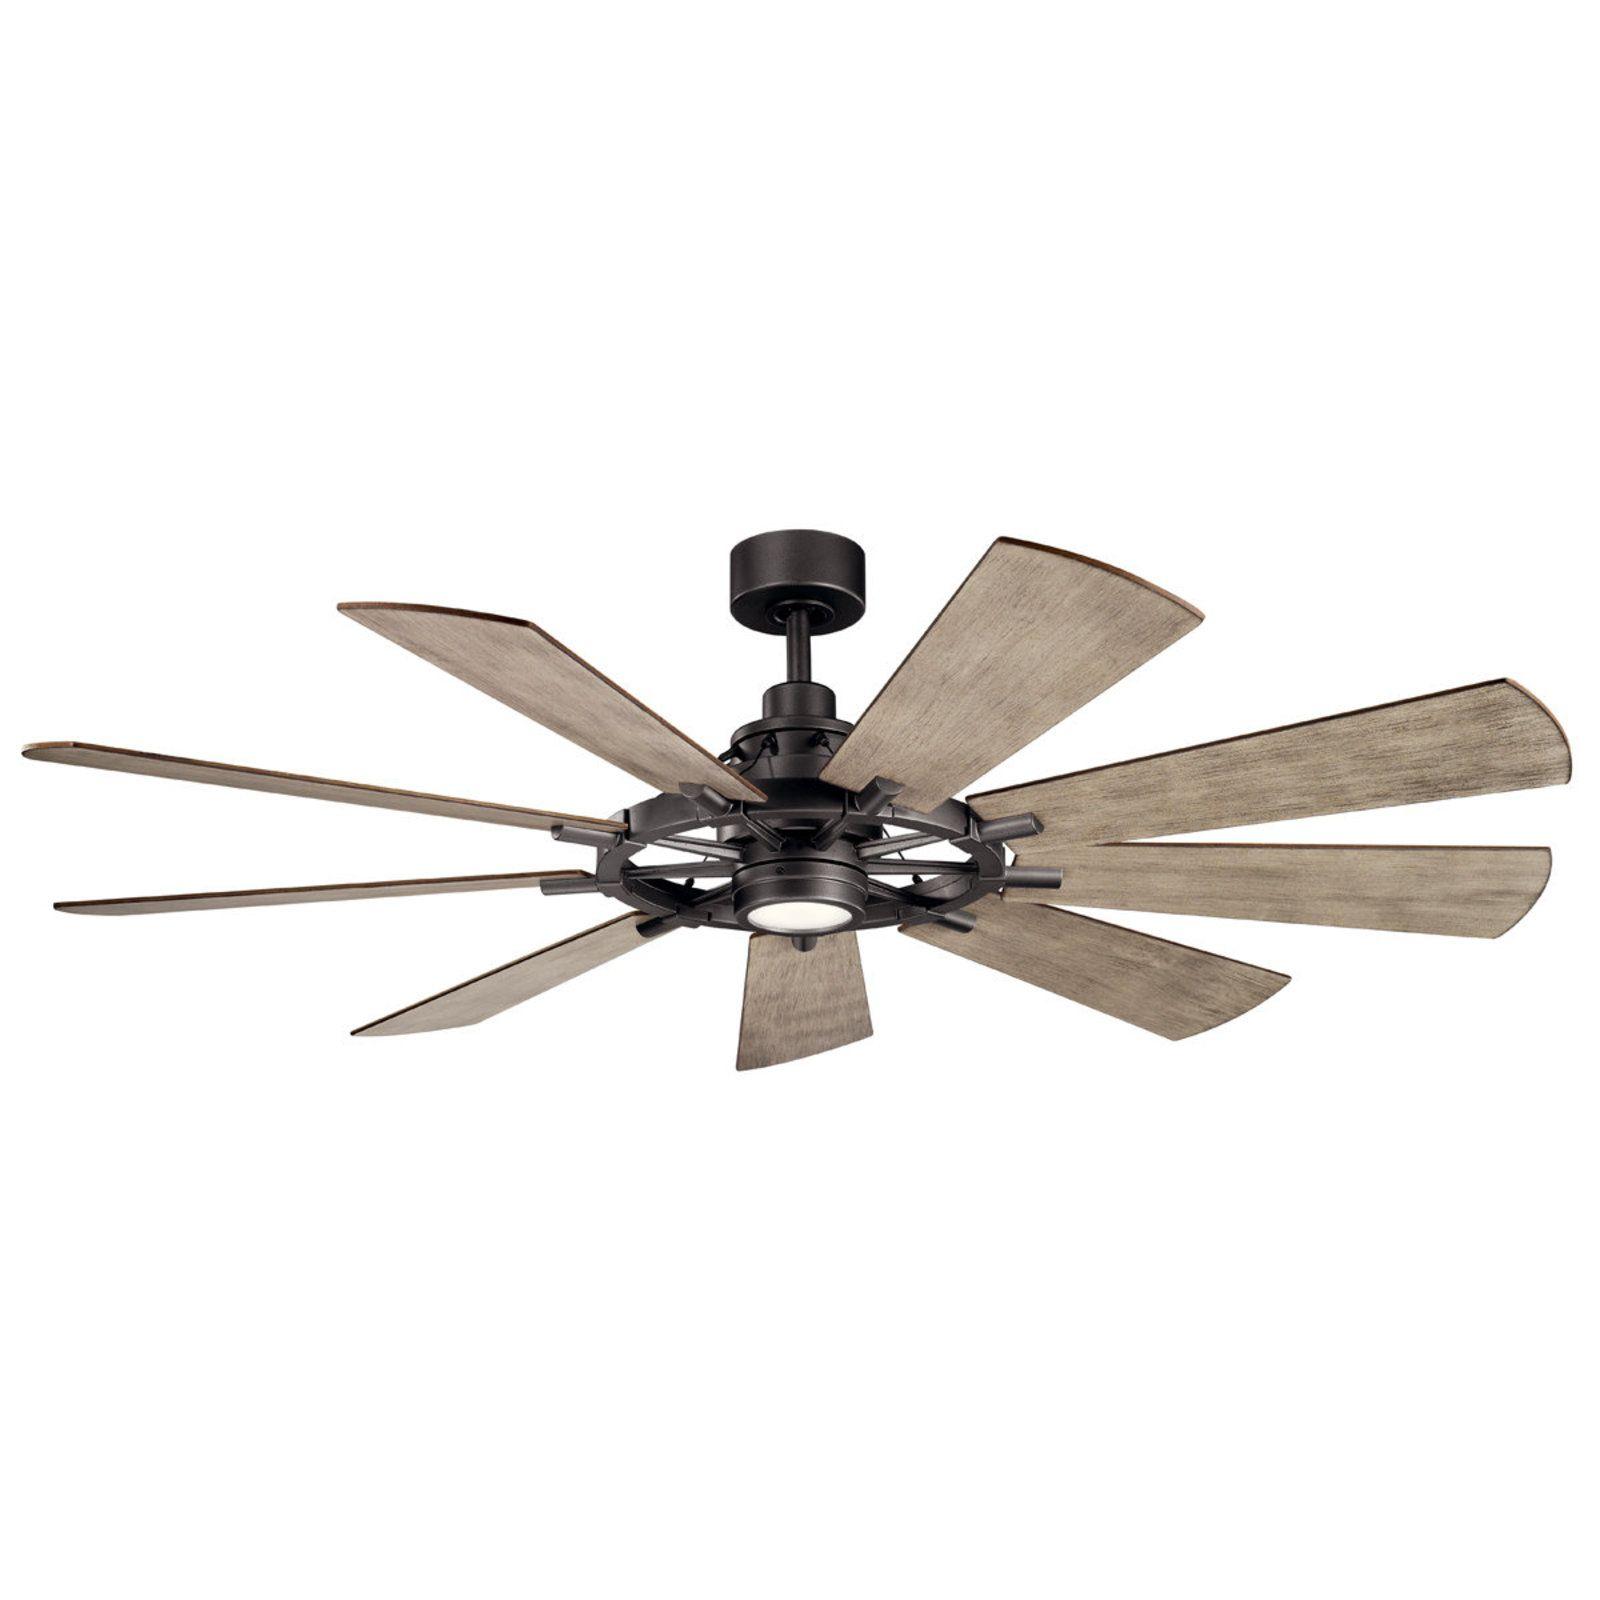 65 Industrial Spoke Ceiling Fan Shades Of Light Led Ceiling Fan Windmill Ceiling Fan Ceiling Fan With Light